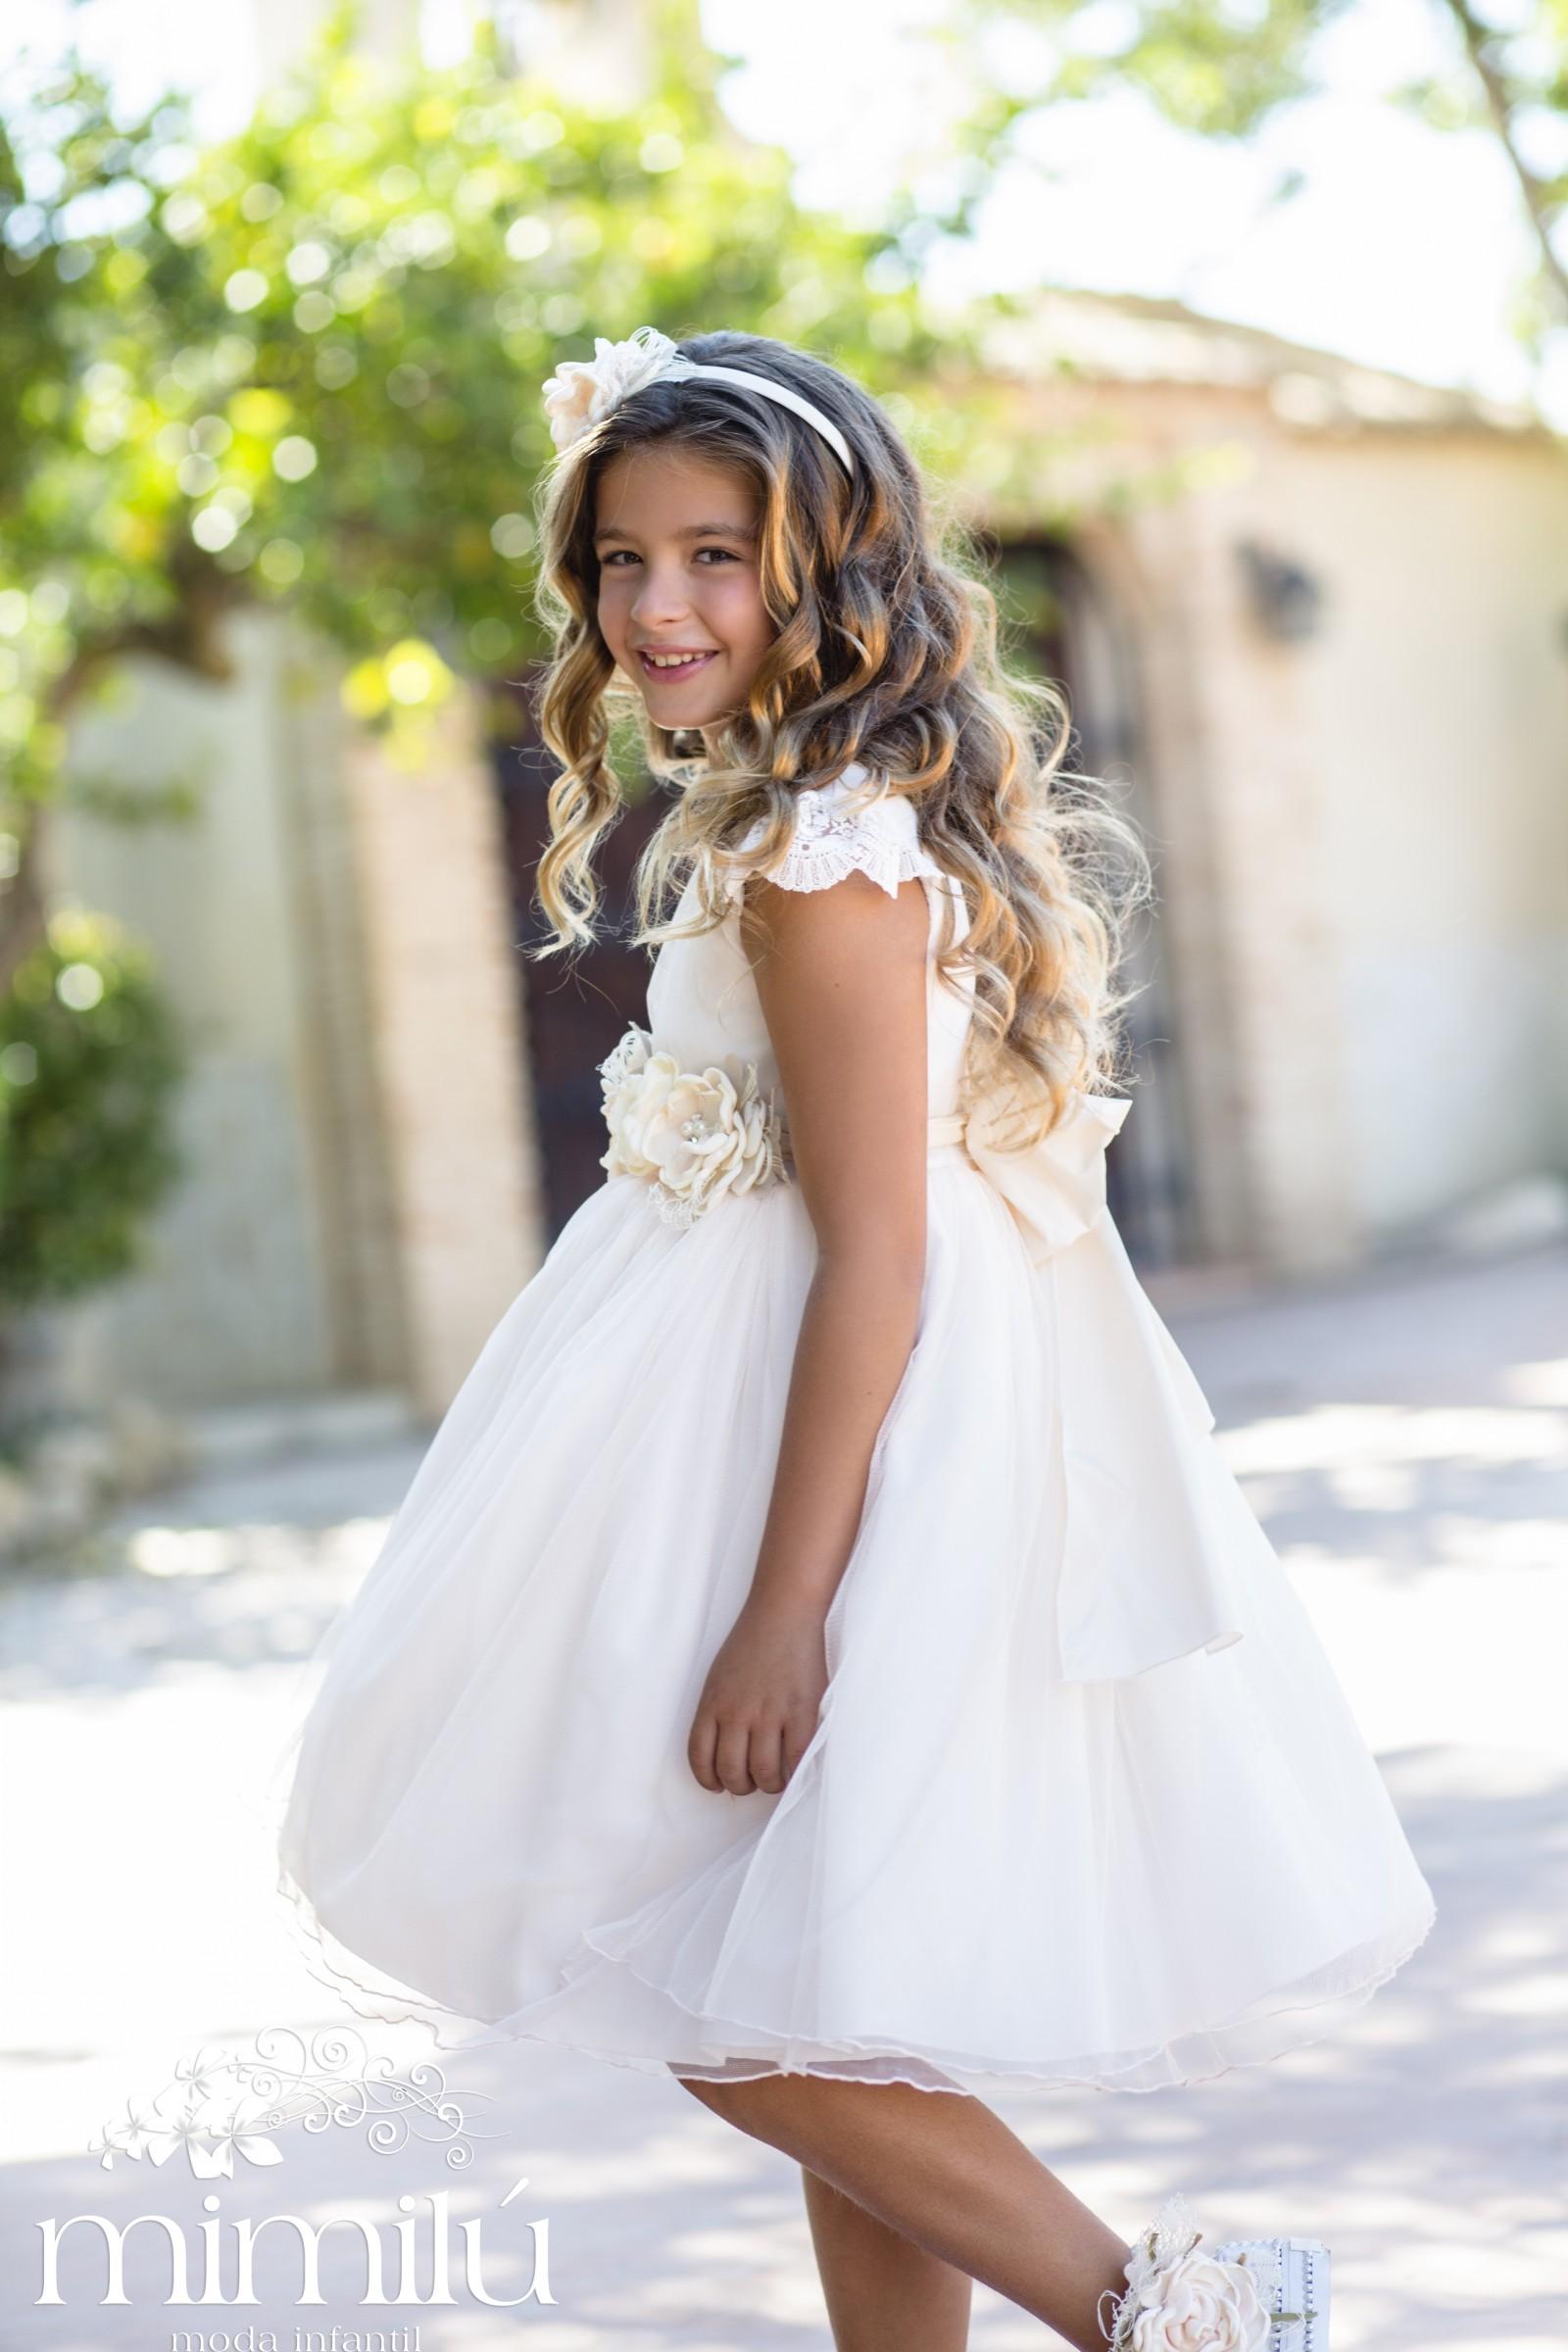 3ac24bbdb879 Un nuovo modo per cambiare il tipico abito da cerimonia avvicinandoci  sempre più ad una tendenza armoniosa e naturale che faccia sentire i nosti  piccoli